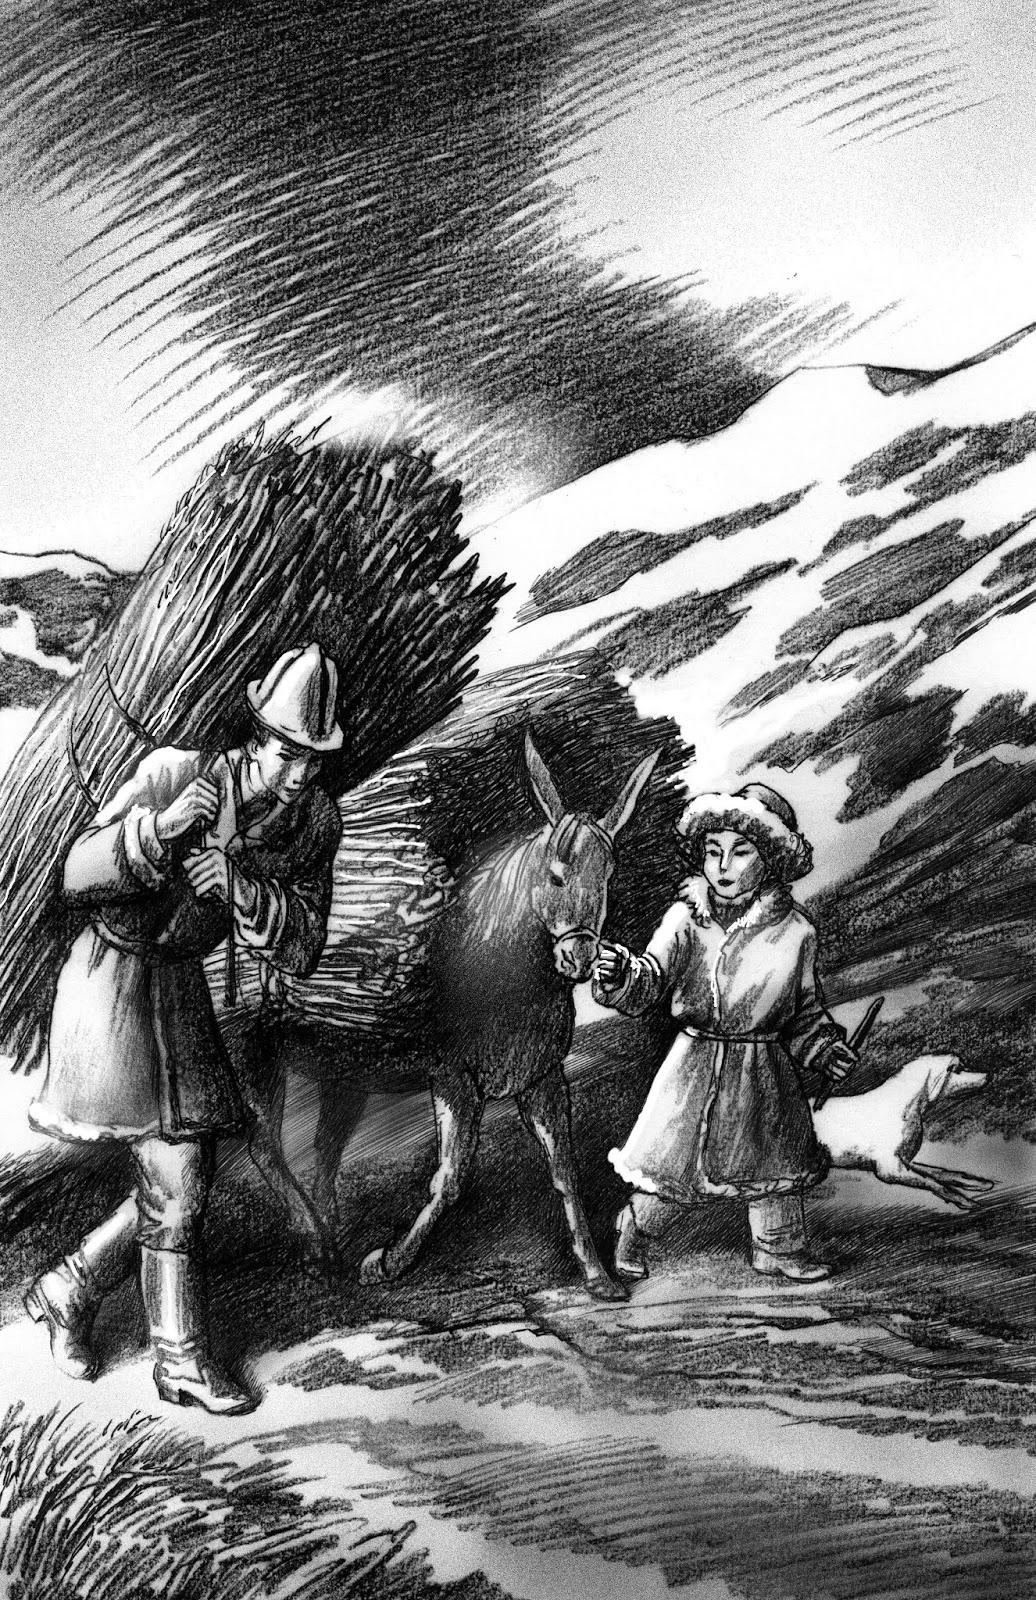 народ айтматов ранние журавли картинки изголовьем вписываются